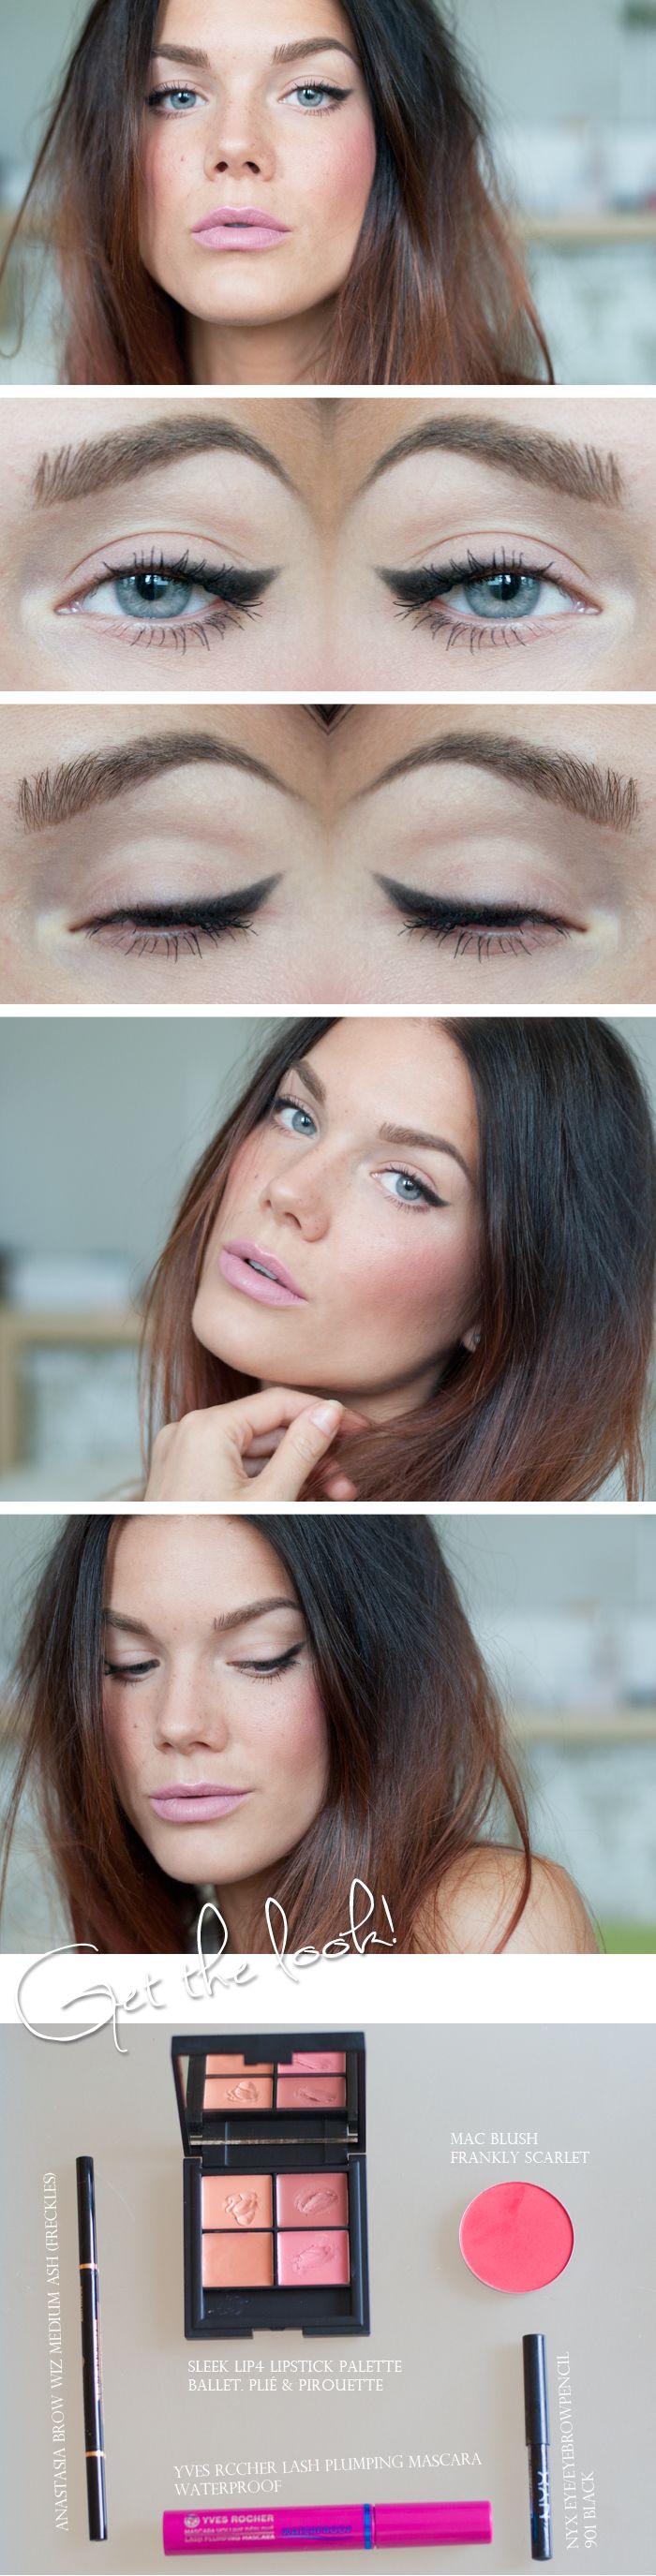 My Everyday Look- Linda Hallberg